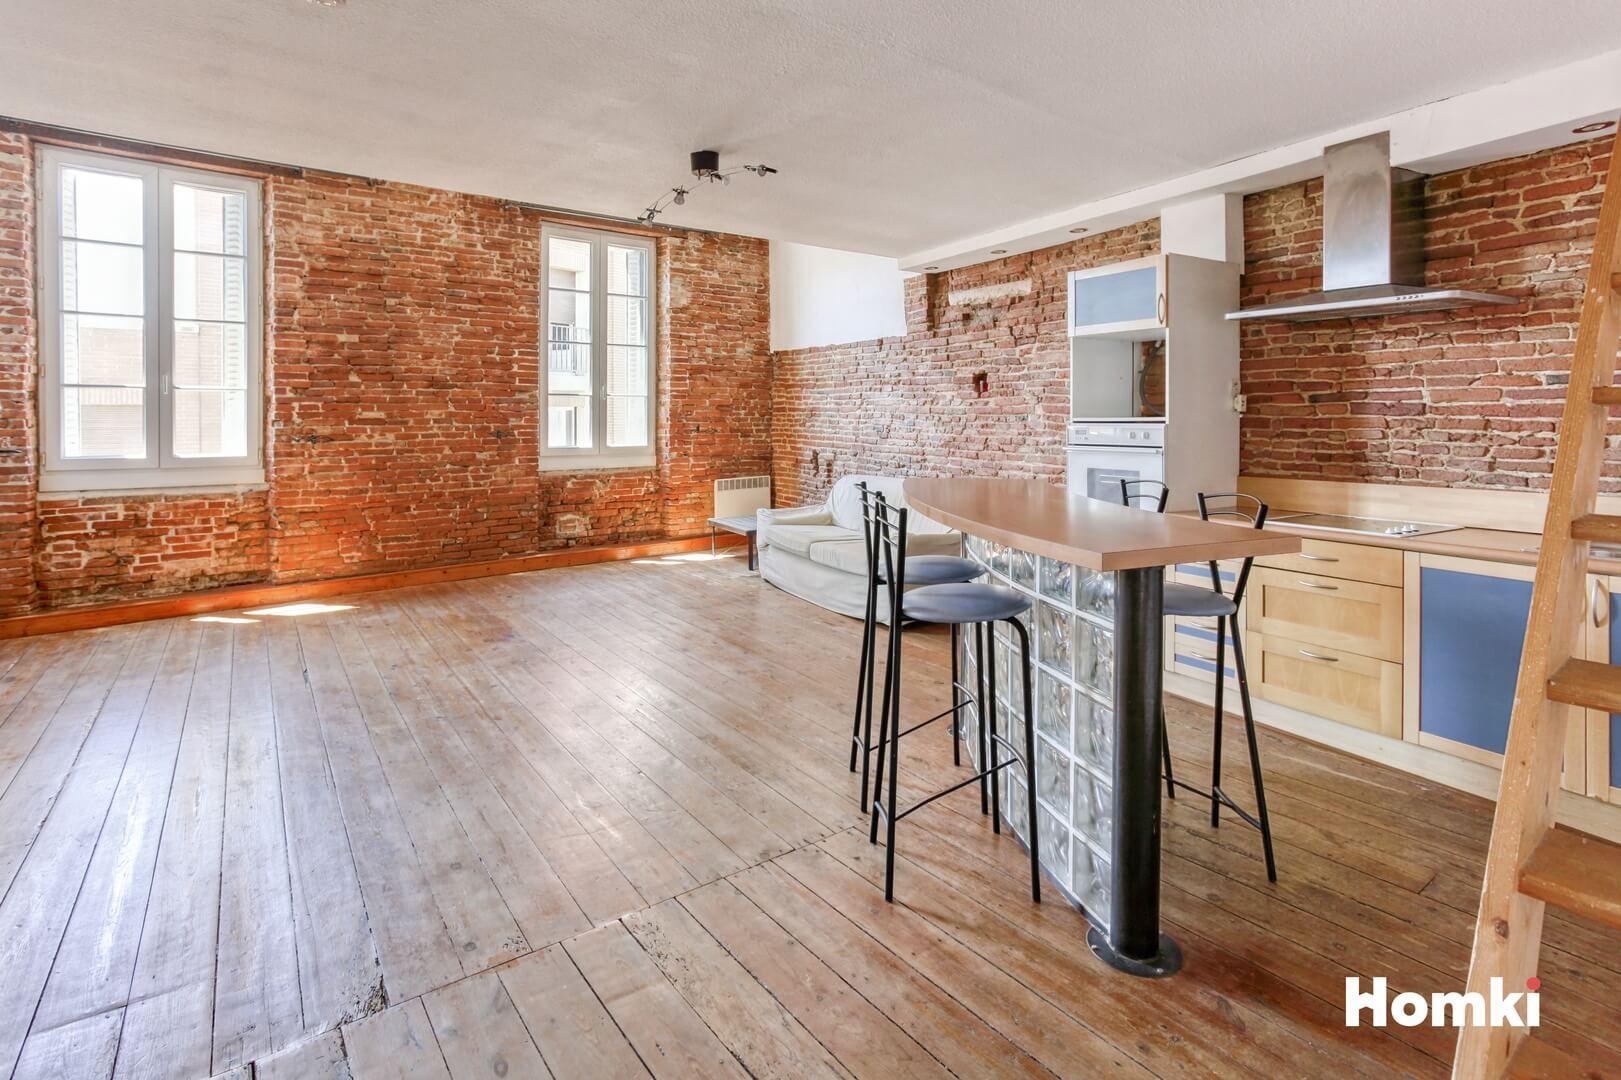 Homki - Vente Appartement  de 67.0 m² à Toulouse 31300